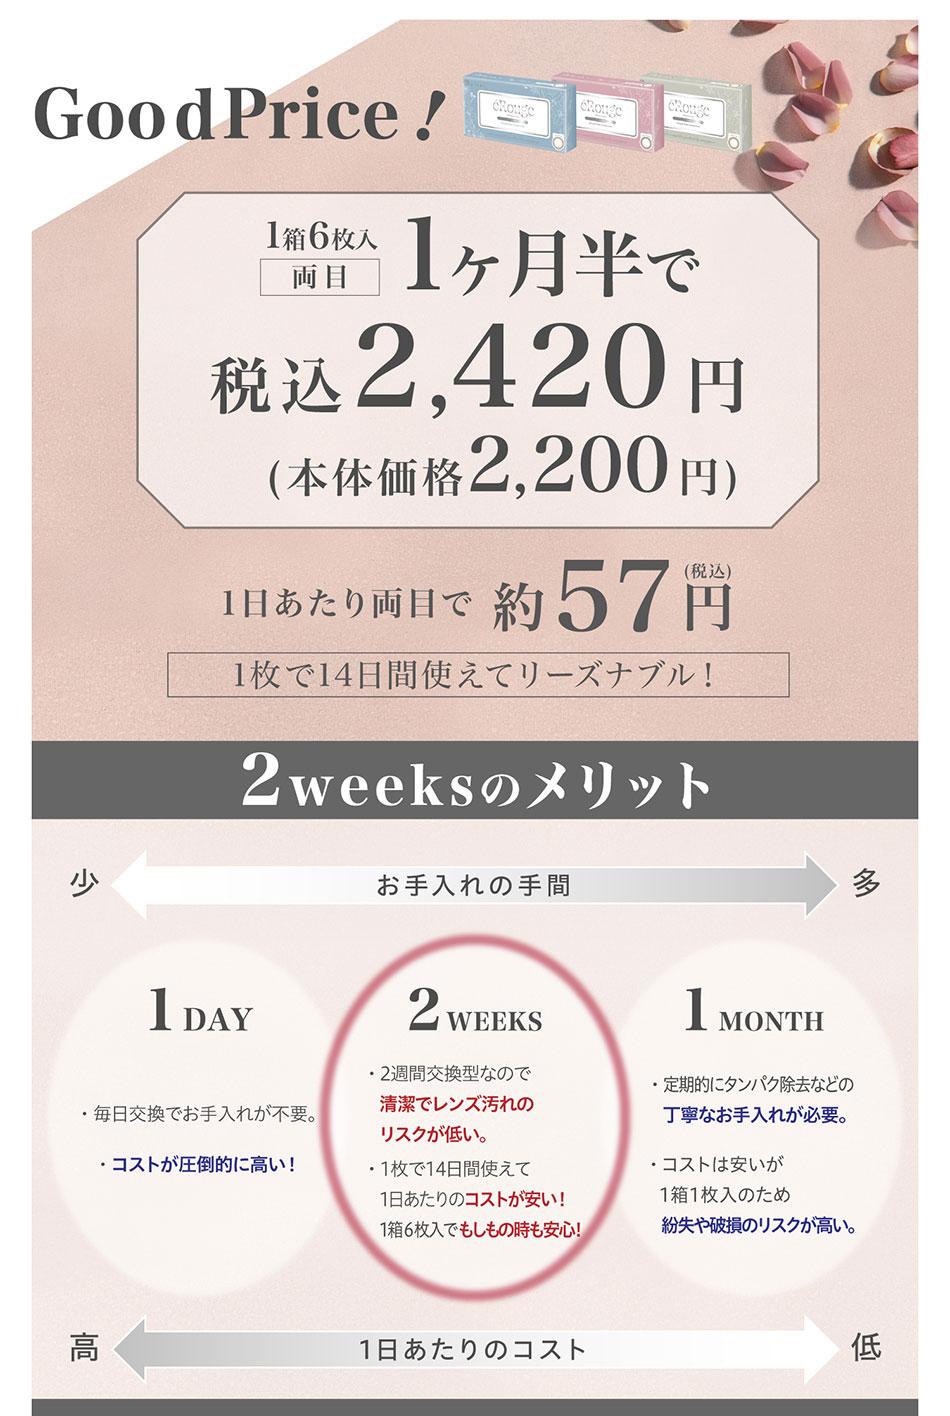 エルージュeRouge 2weeks メリット詳細